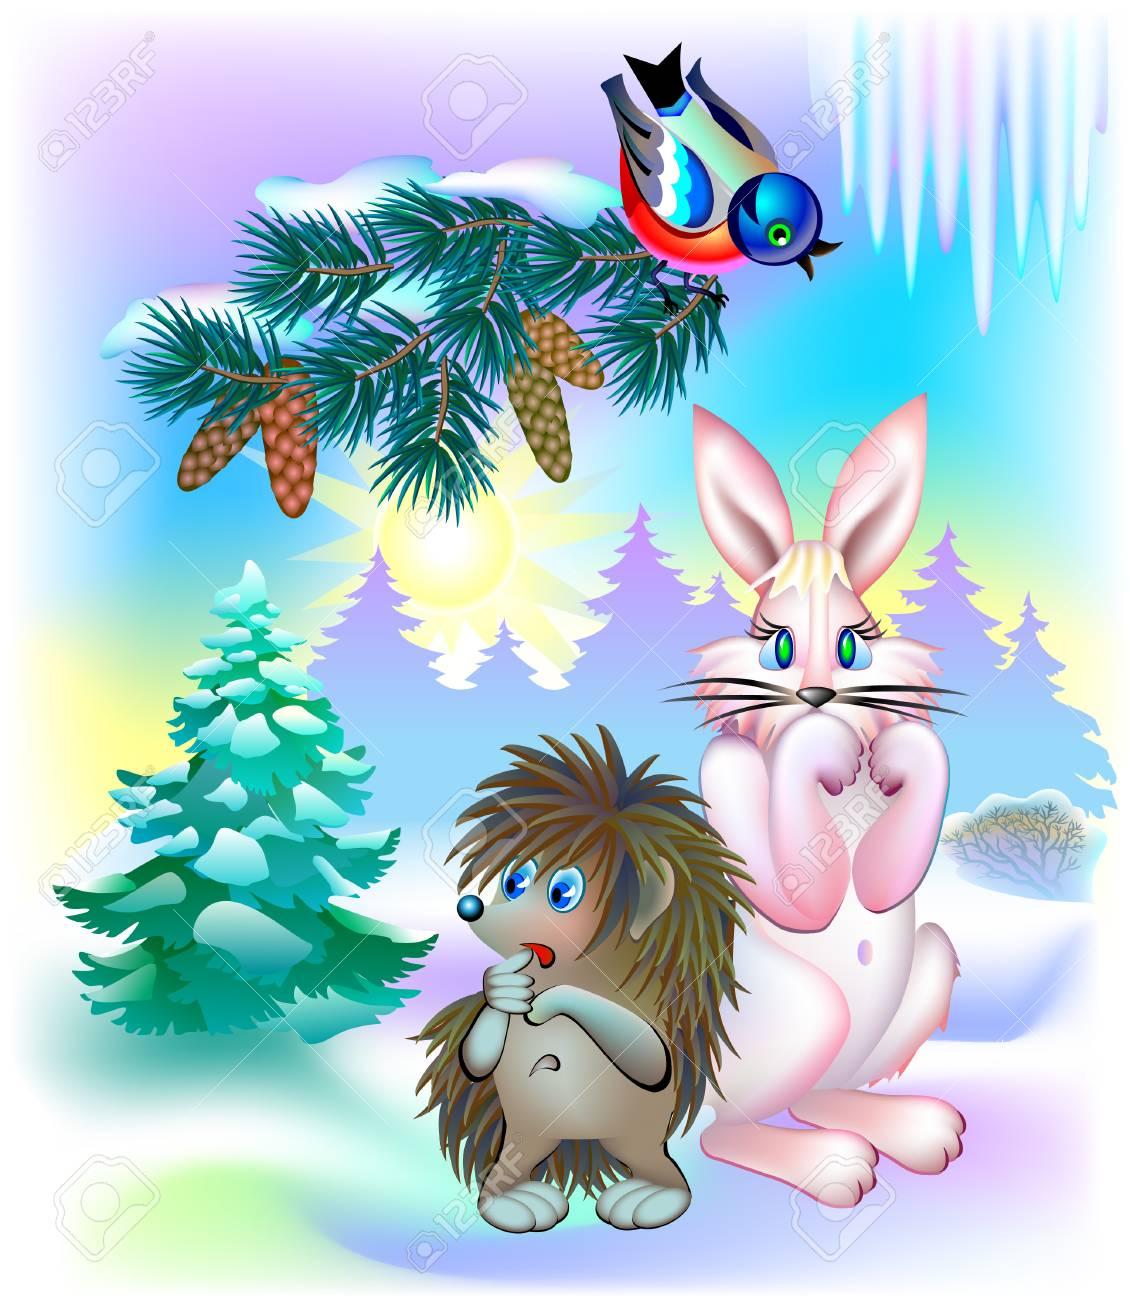 ベクトル漫画画像冬の間に春を待っている動物のイラスト